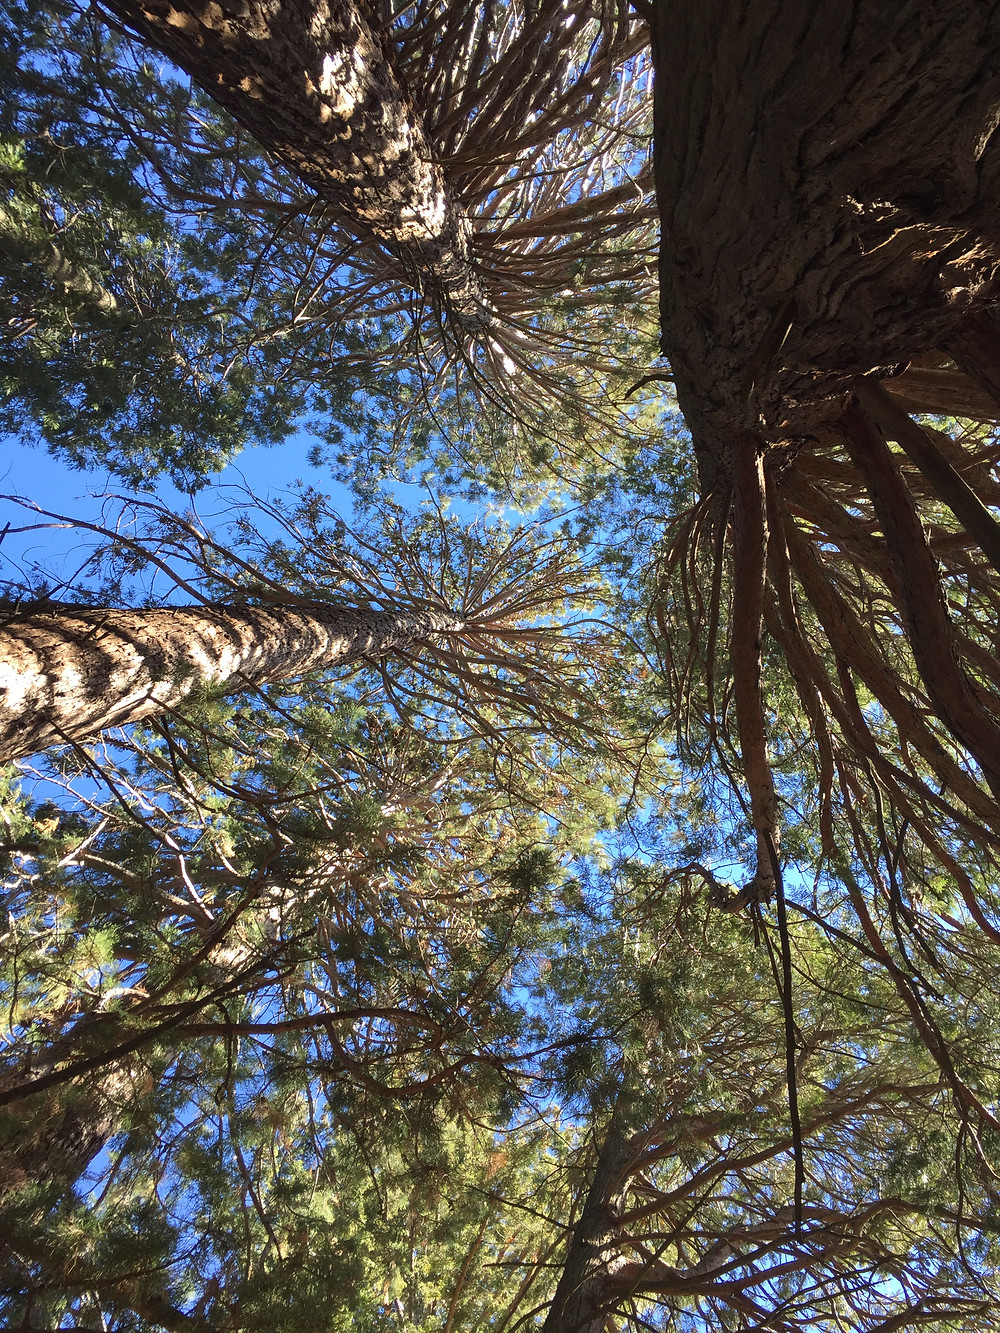 Sequoias and redwoods grow in the Oak Glen Preserve